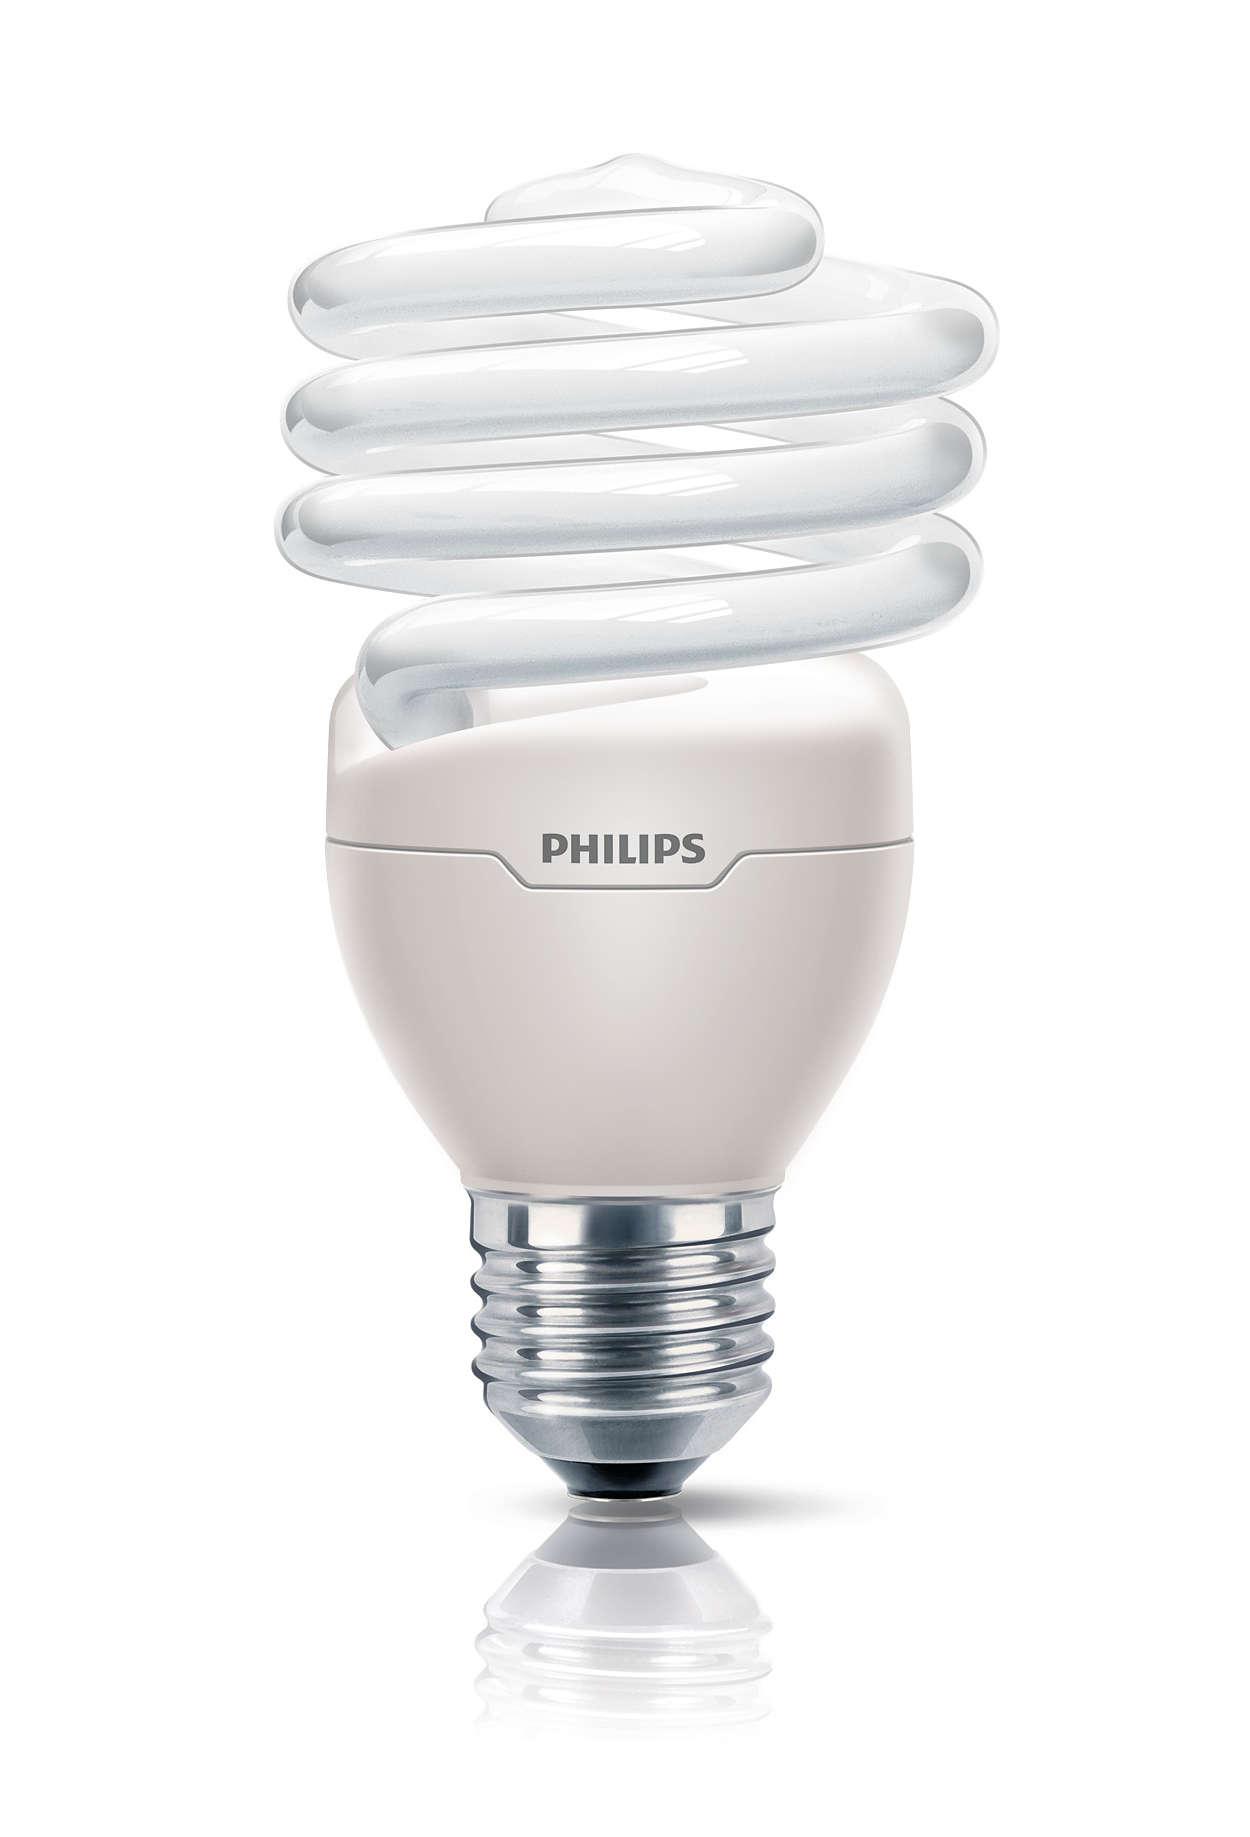 Die kleinste, hellste Energiesparlampe